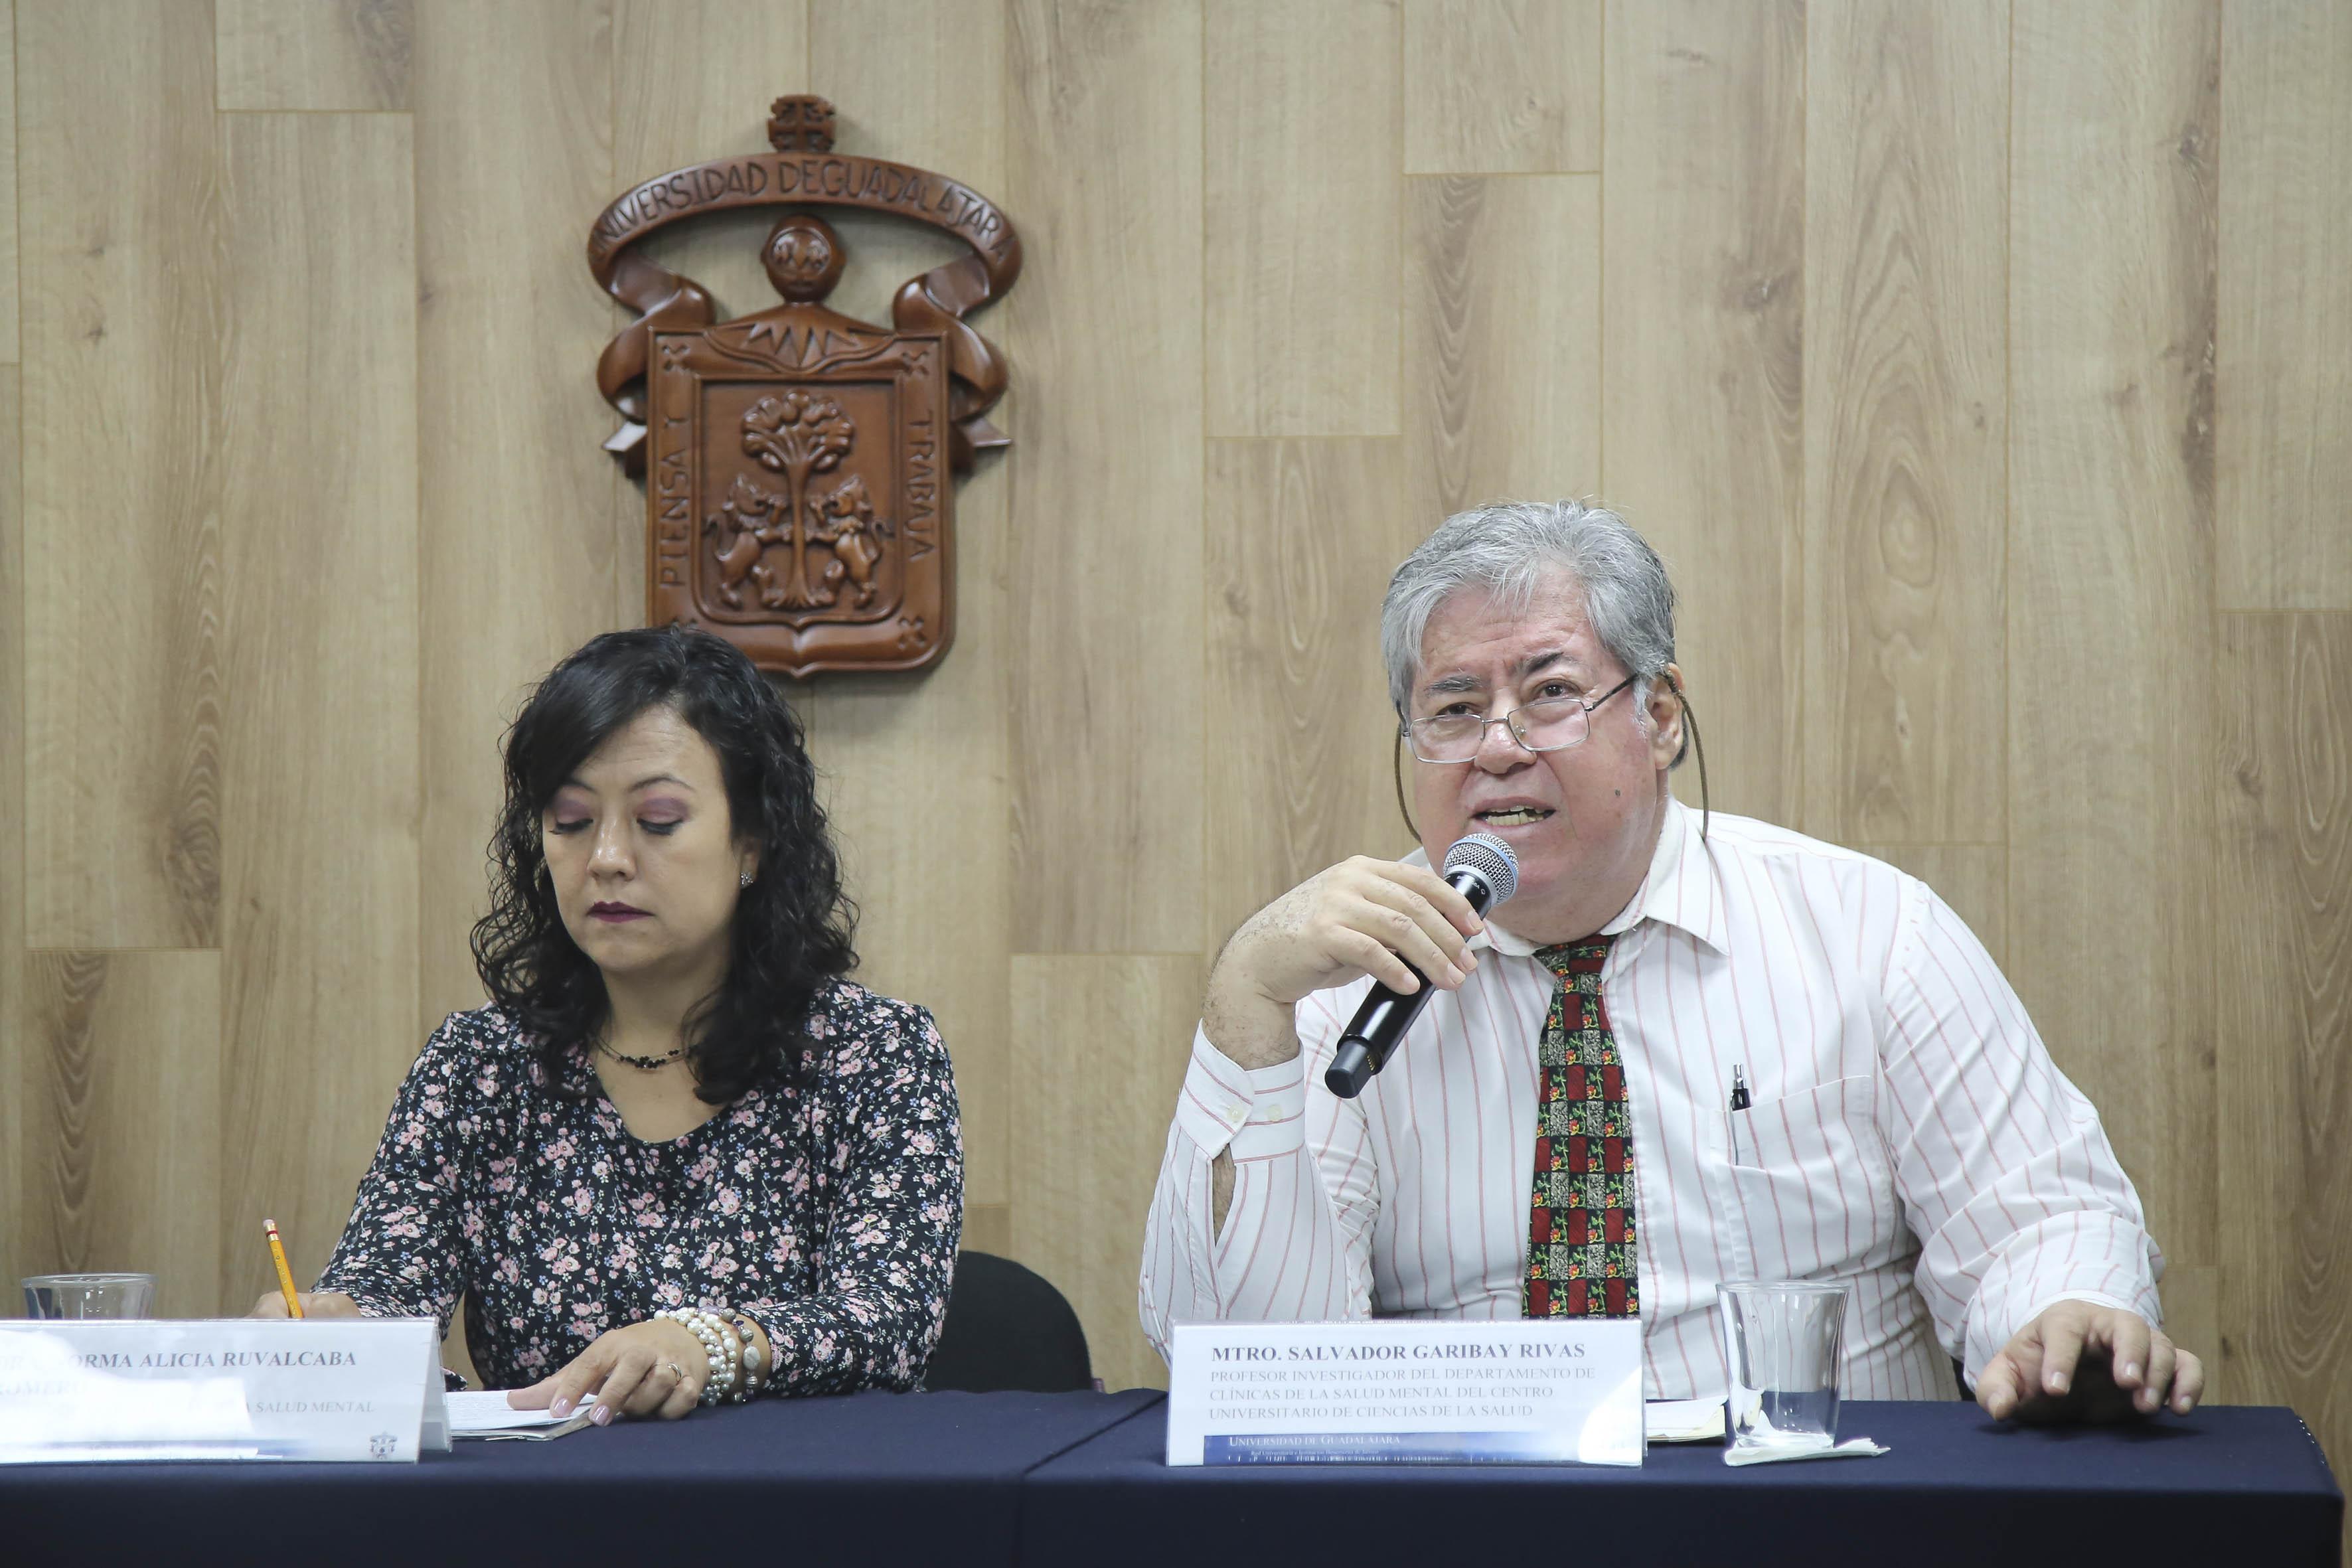 Al micrófono el Mtro Salvador Garibay